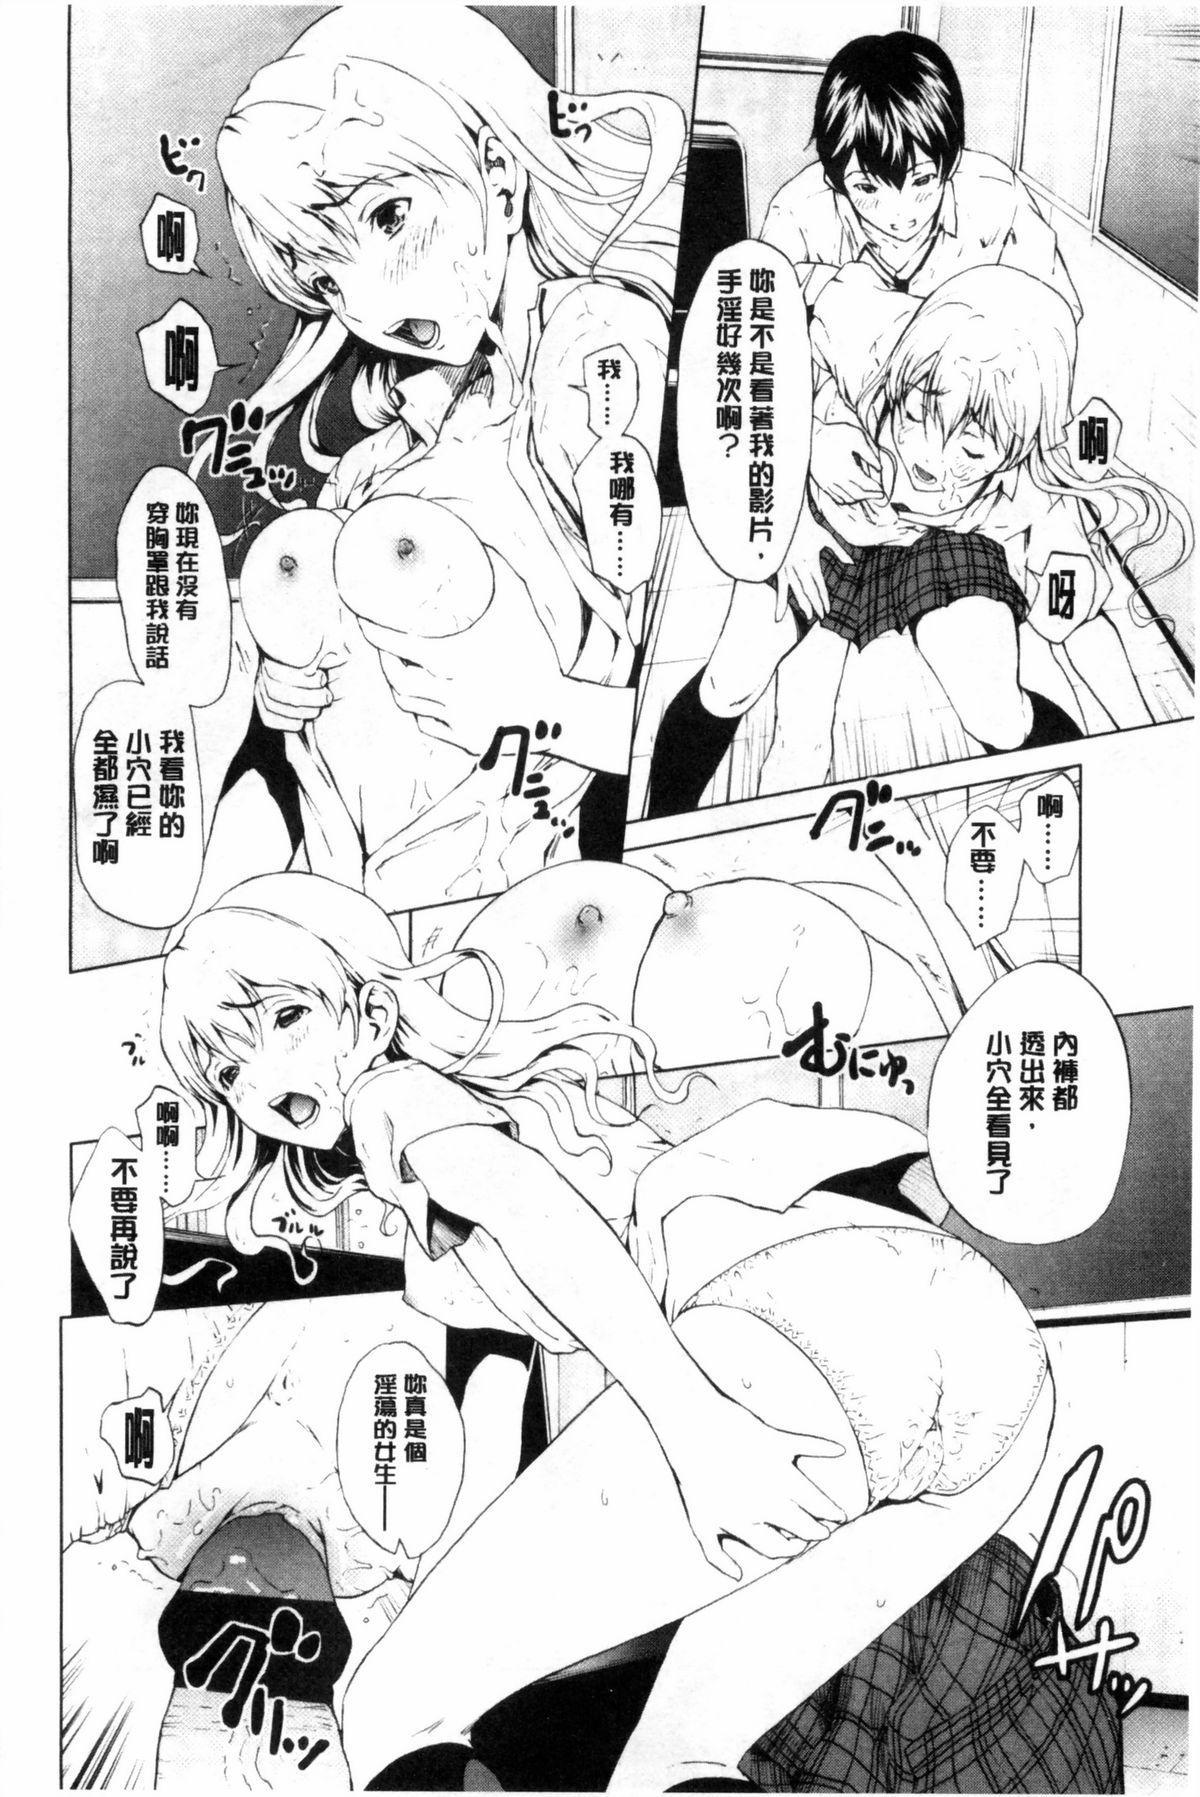 Kairaku Gakuen 52